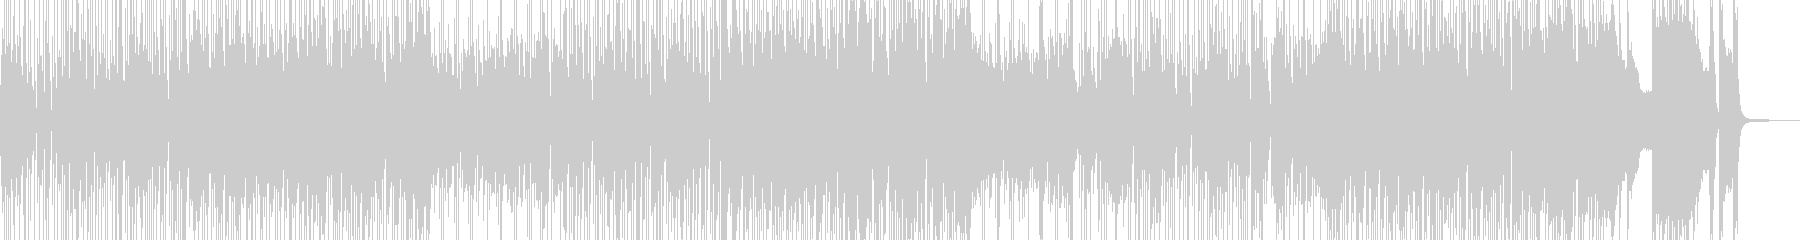 ヒッチハイクで旅するイメージのジャズの未再生の波形